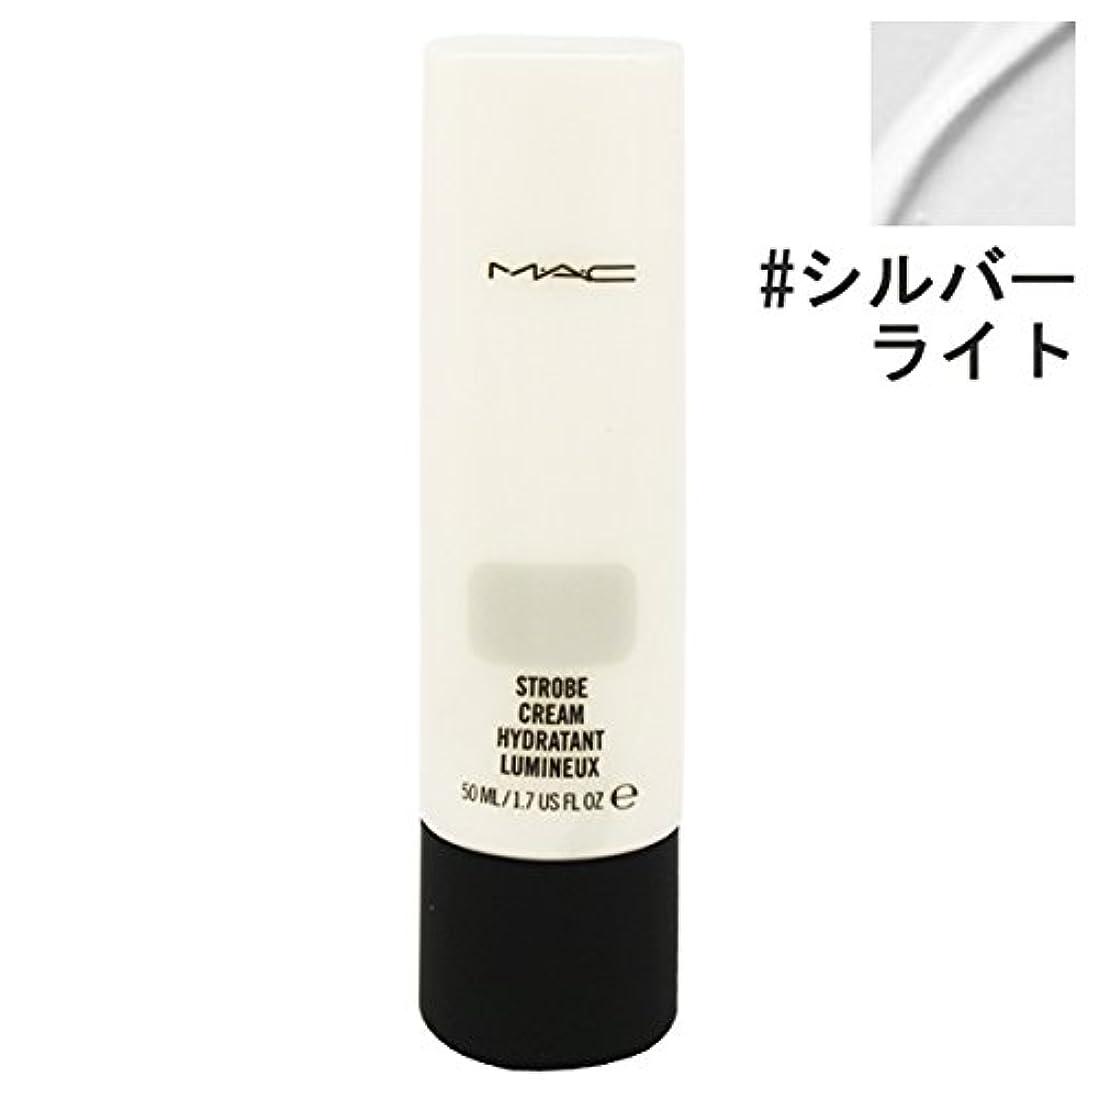 ランク磨かれた白内障マック(MAC) ストロボ クリーム シルバー ライト/Silver Light 50ml [並行輸入品]